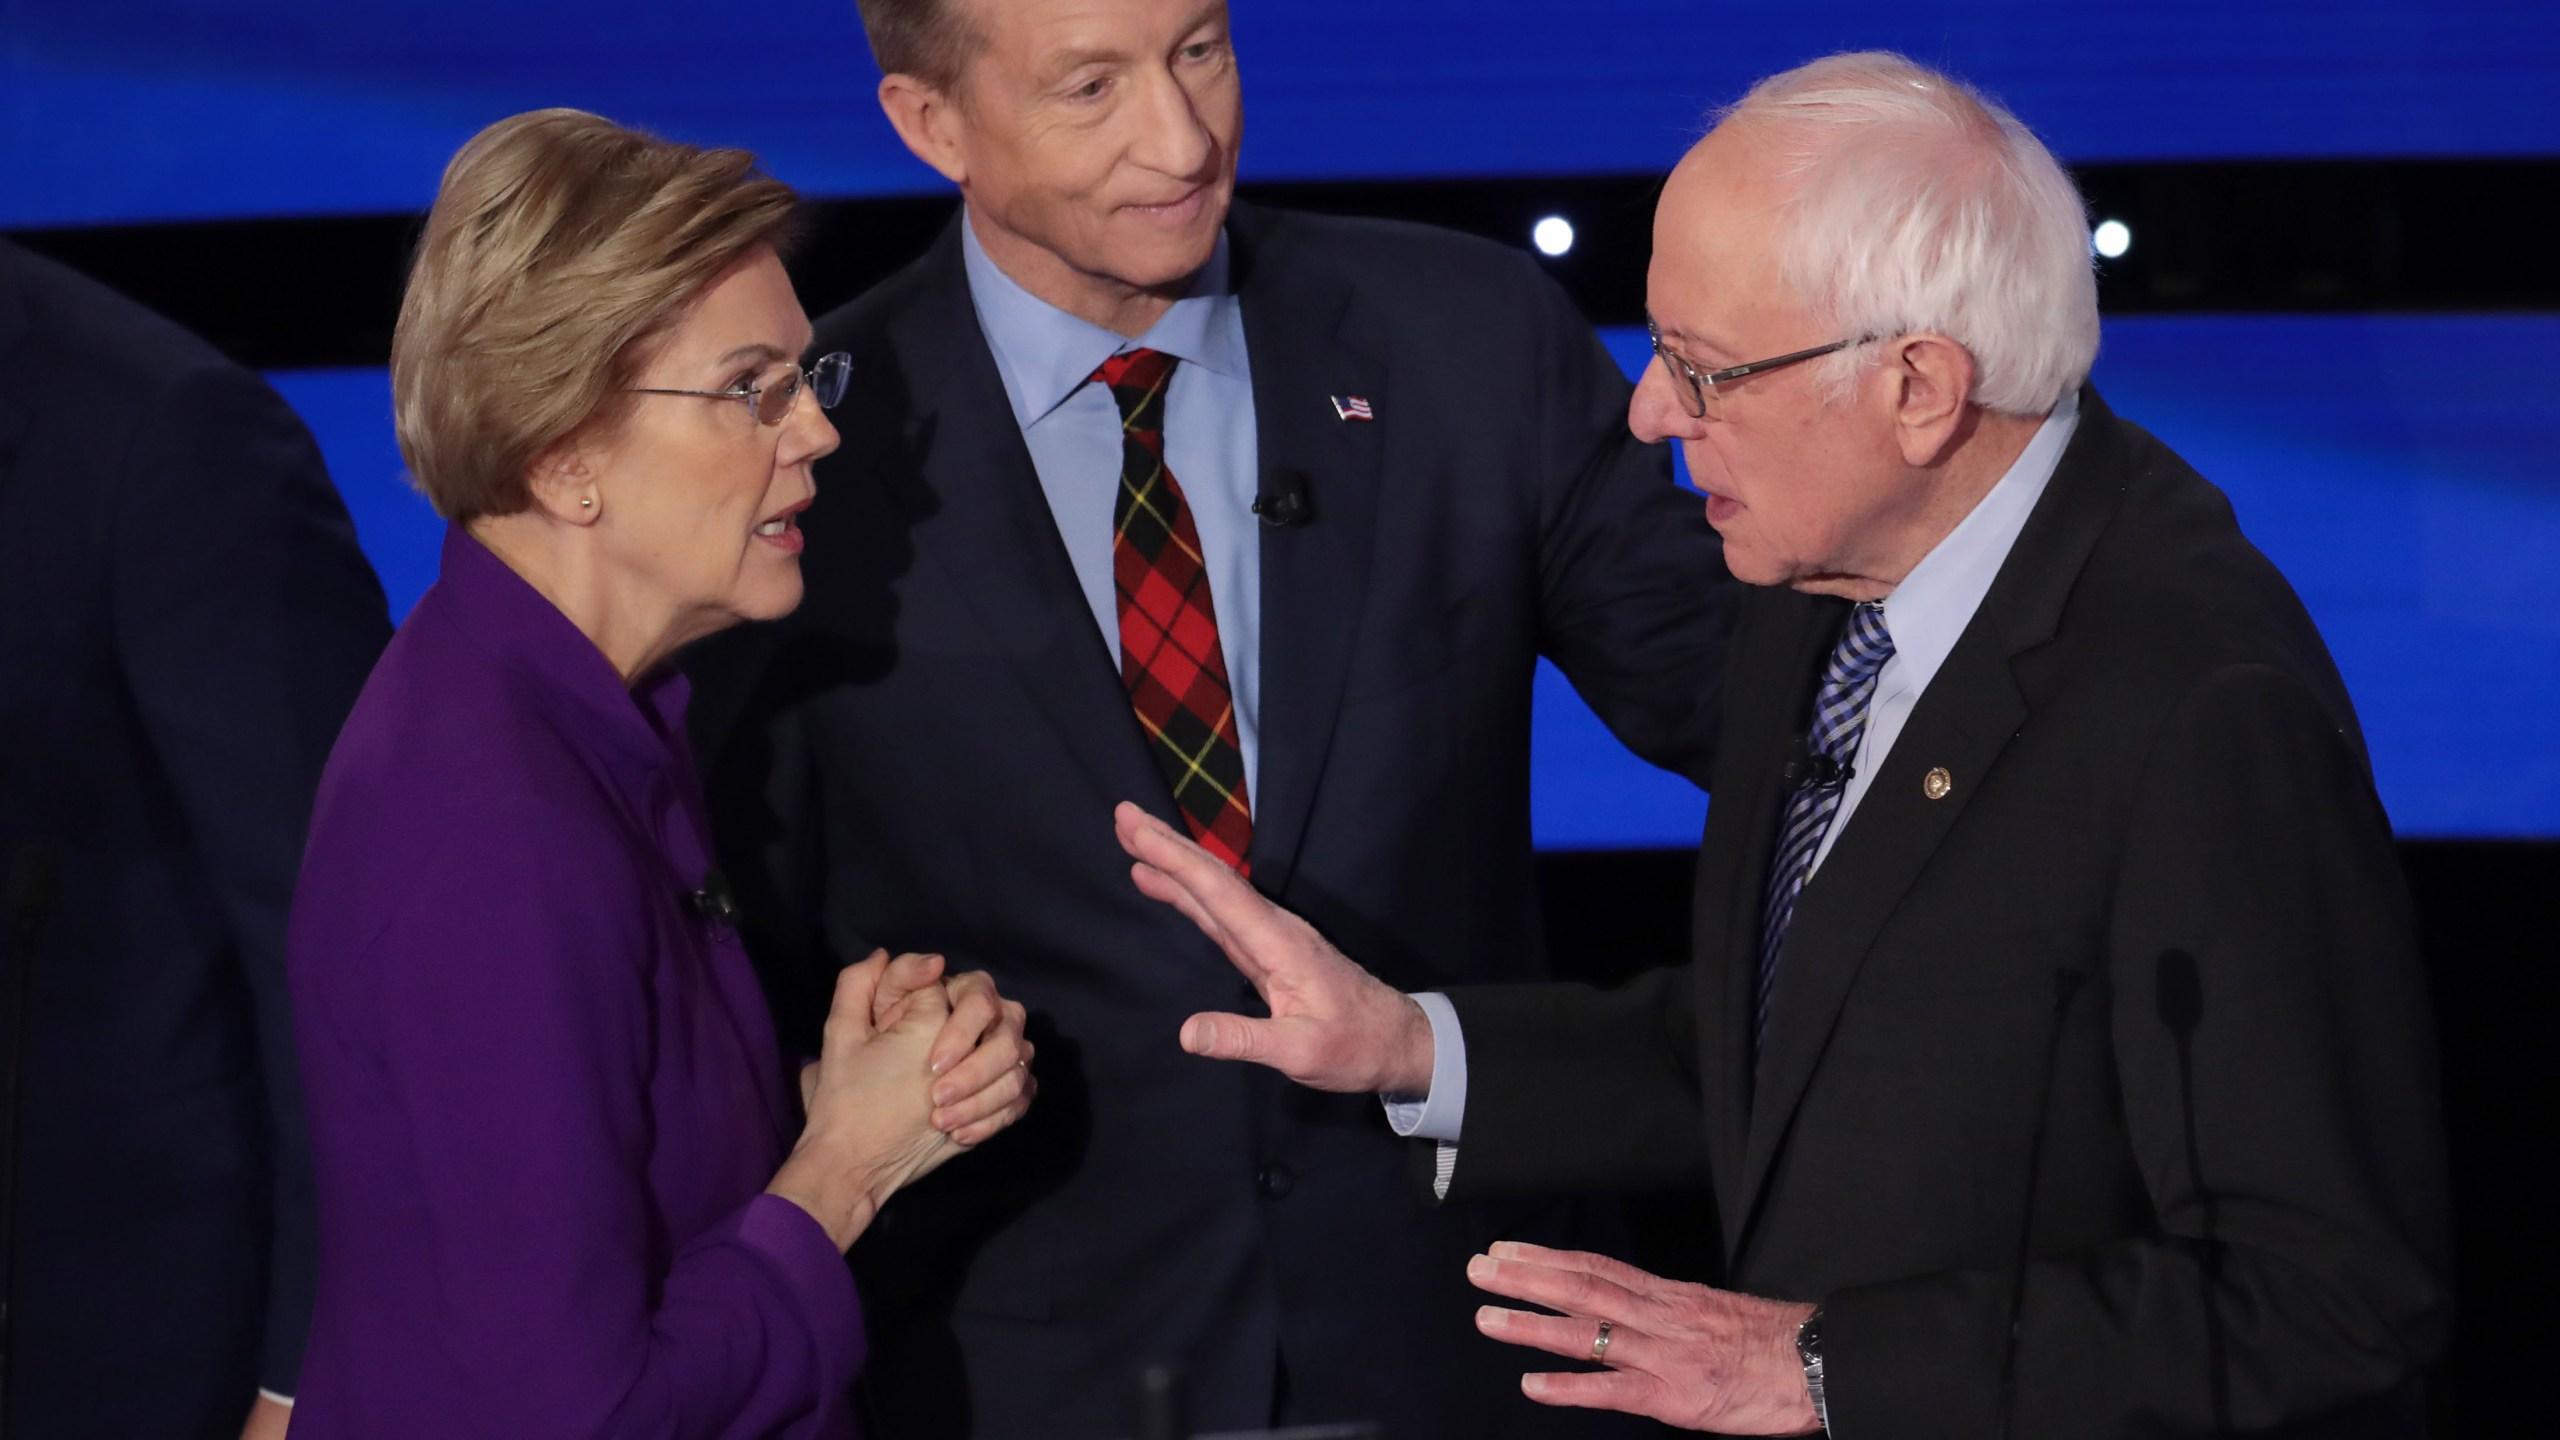 2020 Halloween Events Charlotte Iowa Audio released of post debate exchange between Warren, Sanders: 'I